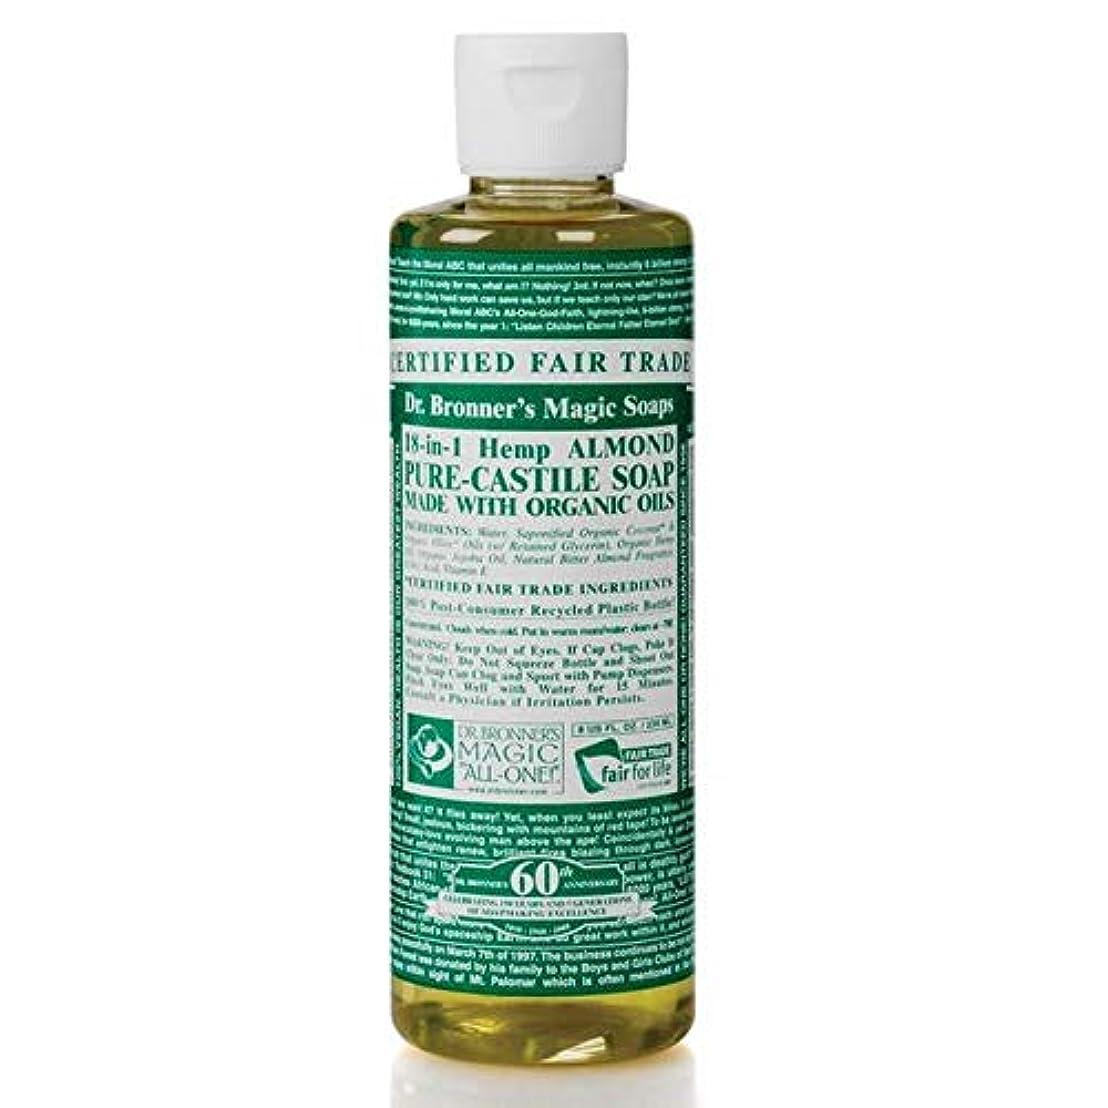 透けて見えるブランチ贅沢な[Dr Bronner] Dr。ブロナーズ有機アーモンドカスティーリャ液体石鹸473ミリリットル - Dr. Bronner's Organic Almond Castile Liquid Soap 473ml [並行輸入品]